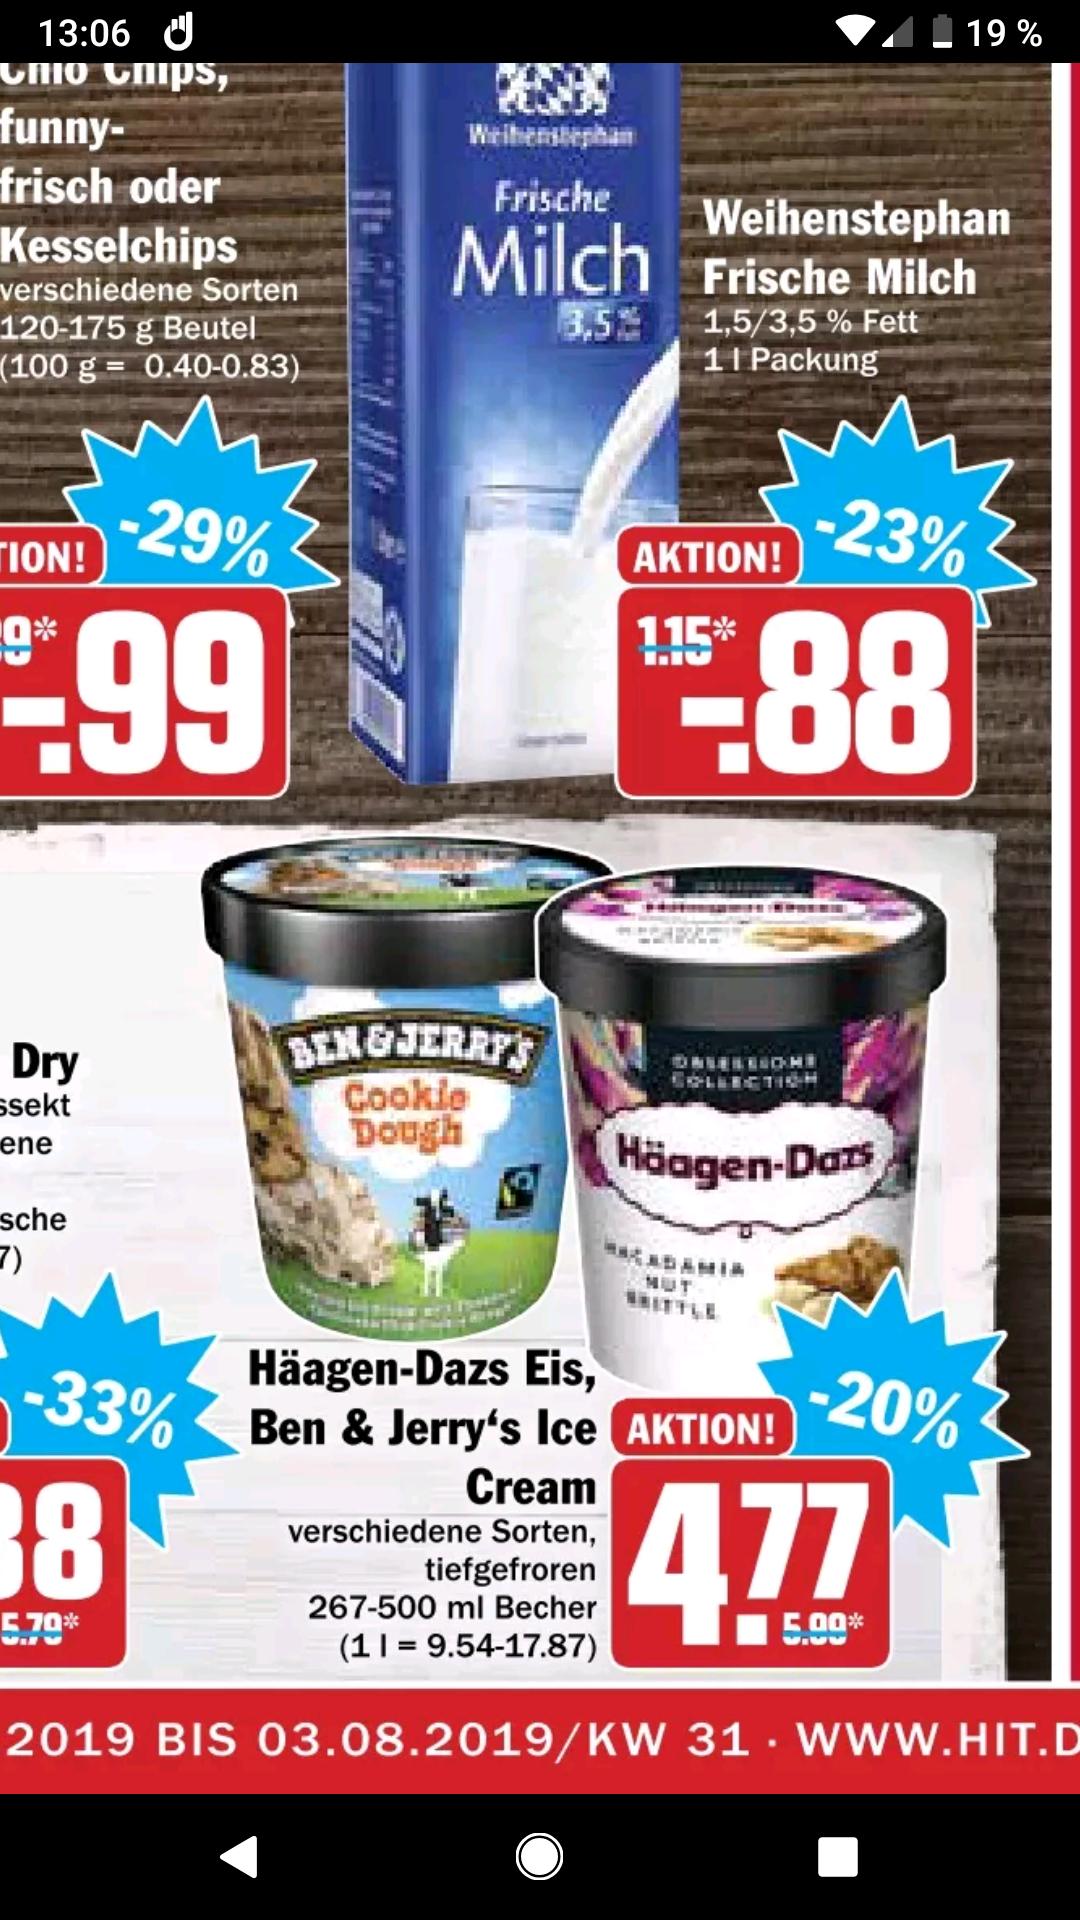 Ben & Jerry's sowie Häagen-Dazs bei Hit für 4,77€